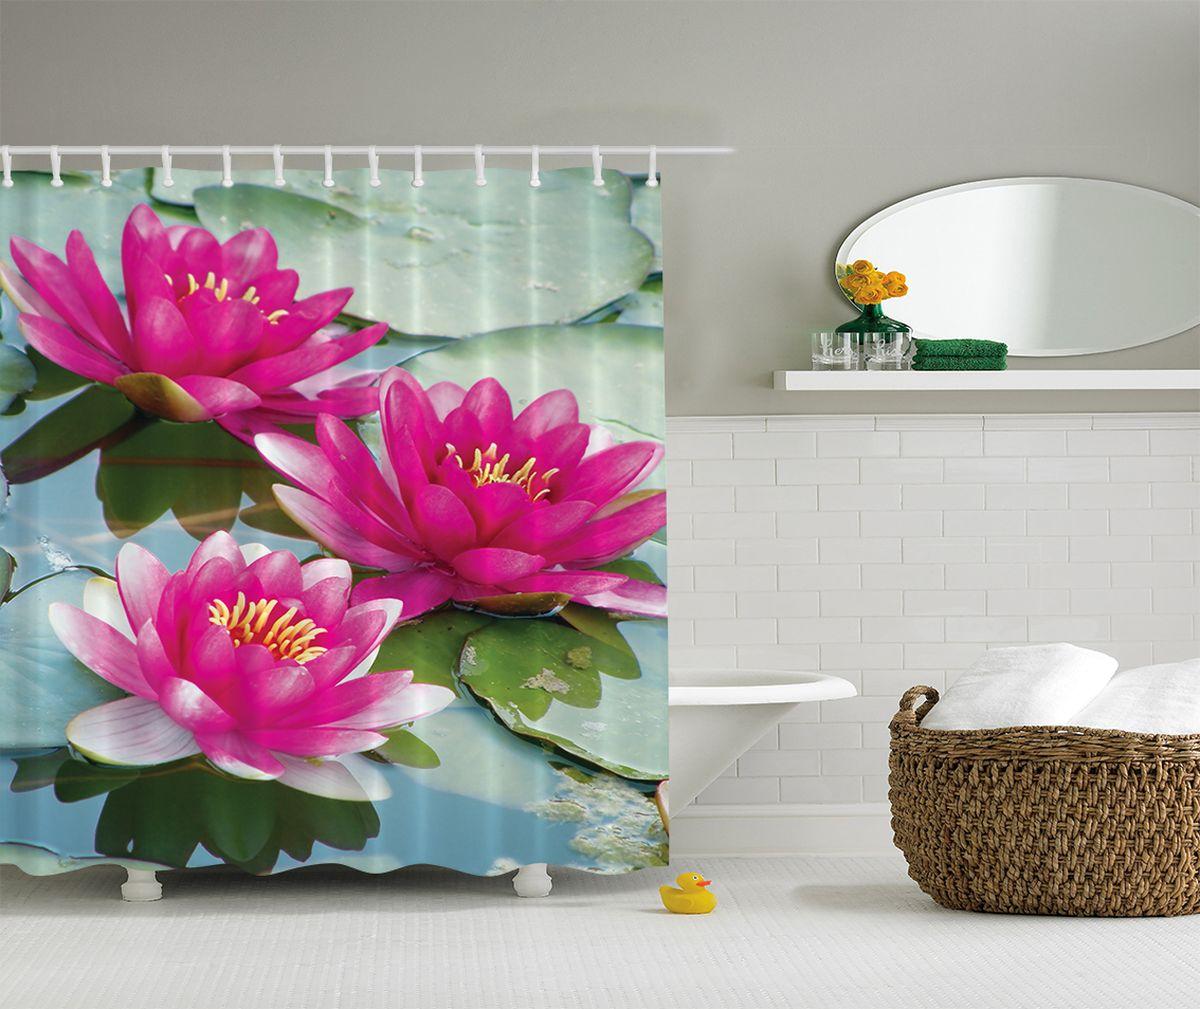 Штора для ванной комнаты Magic Lady Розовые кувшинки, 180 х 200 смшв_2607Штора для ванной комнаты Magic Lady  Розовые кувшинки выполнена из высококачественного сатена (полиэстер 100%). При изготовлении используются специальные гипоаллергенные чернила. Оригинальный дизайн и цветовая гамма привлекут к себе внимание. Изделие хорошо пропускает свет и быстро высыхает. Такая штора прекрасно впишется в любой интерьер ванной комнаты и идеально защитит от брызг.